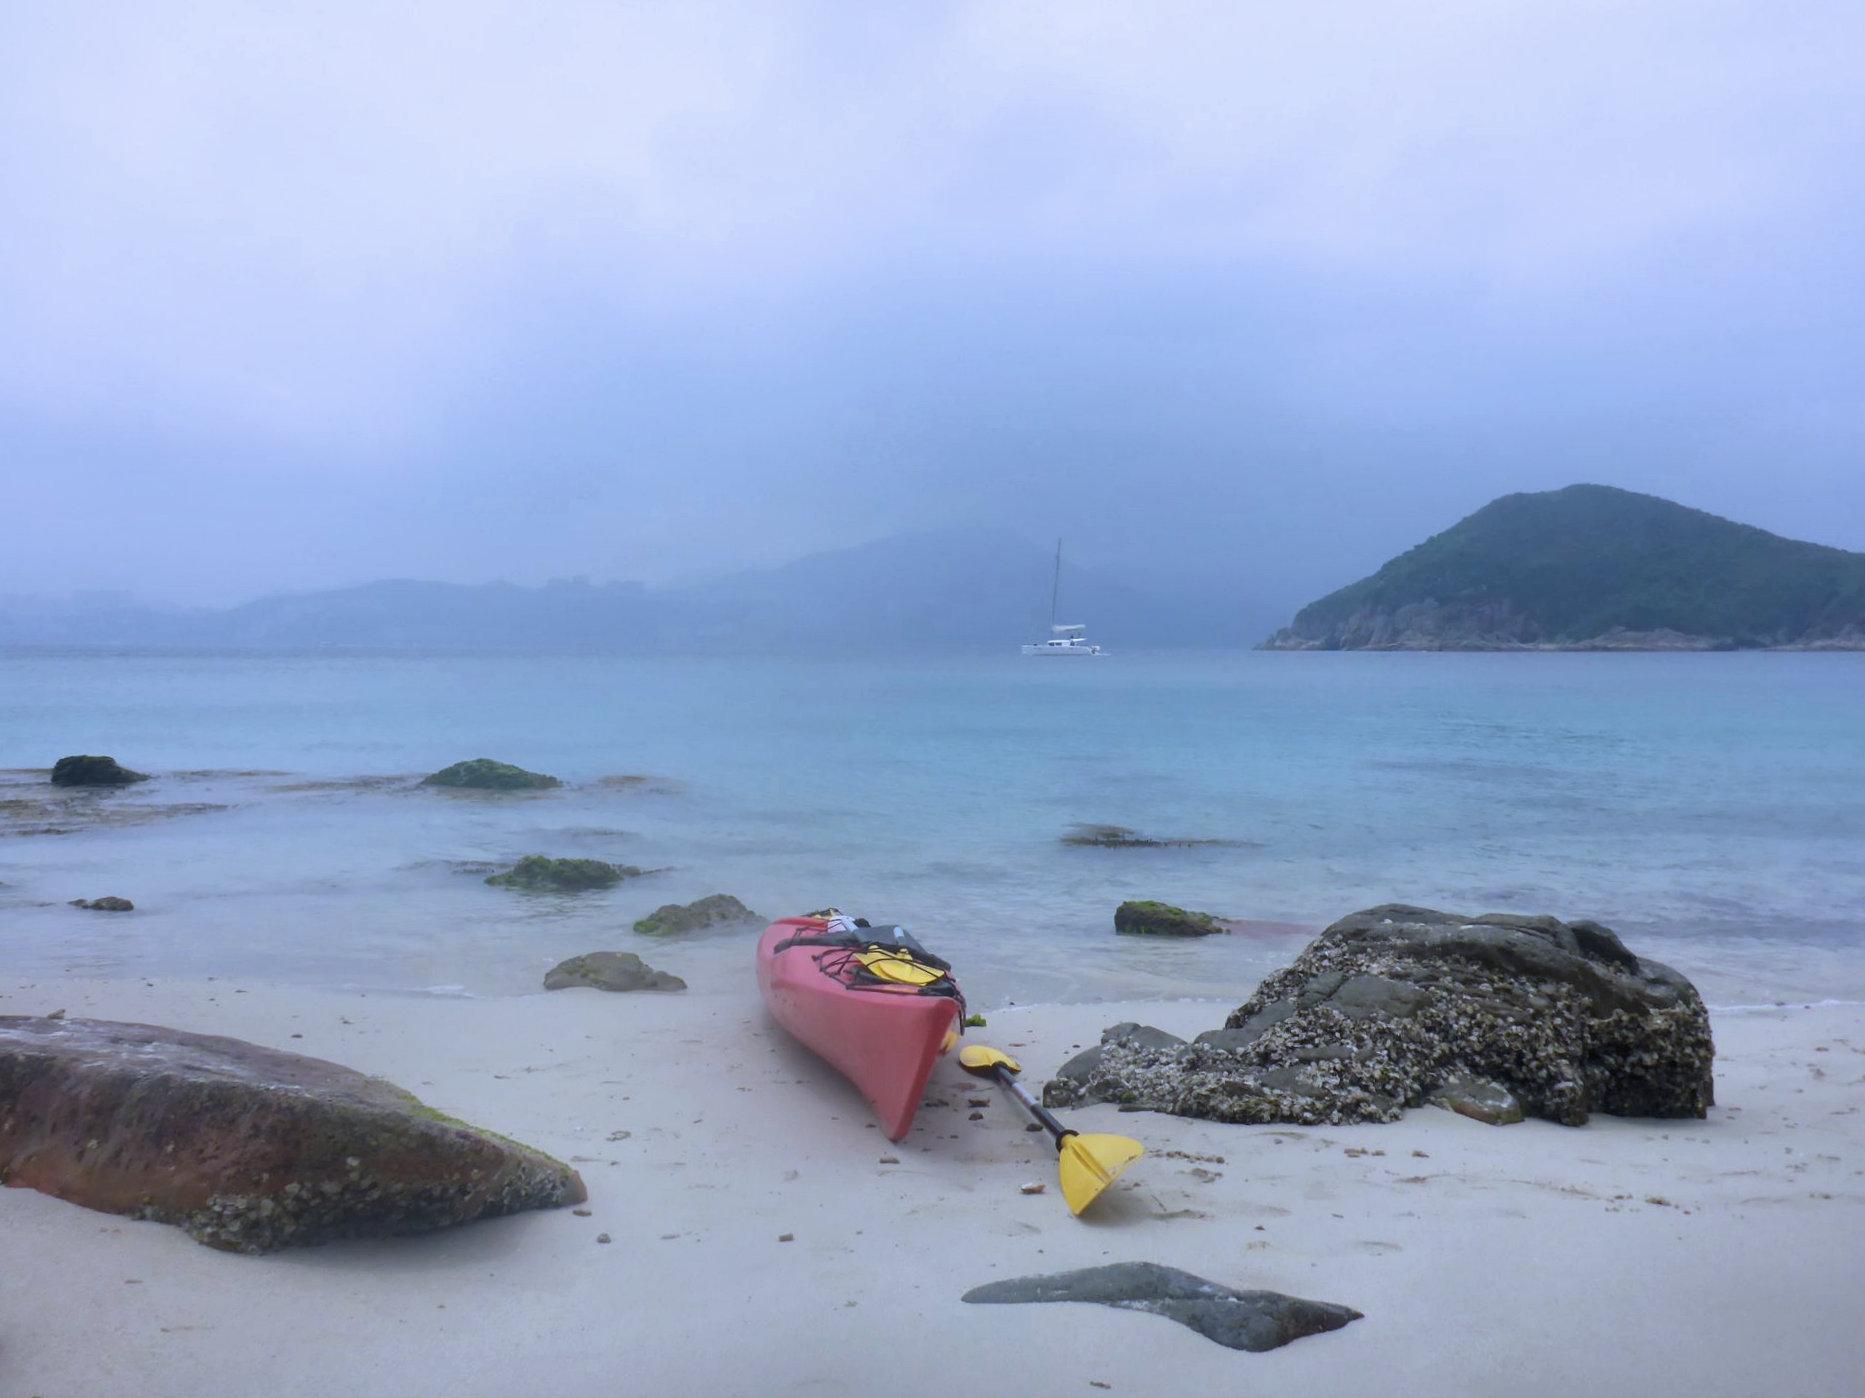 Sea Kayak Hong Kong 2018 Apr 28 Sai Kung_33